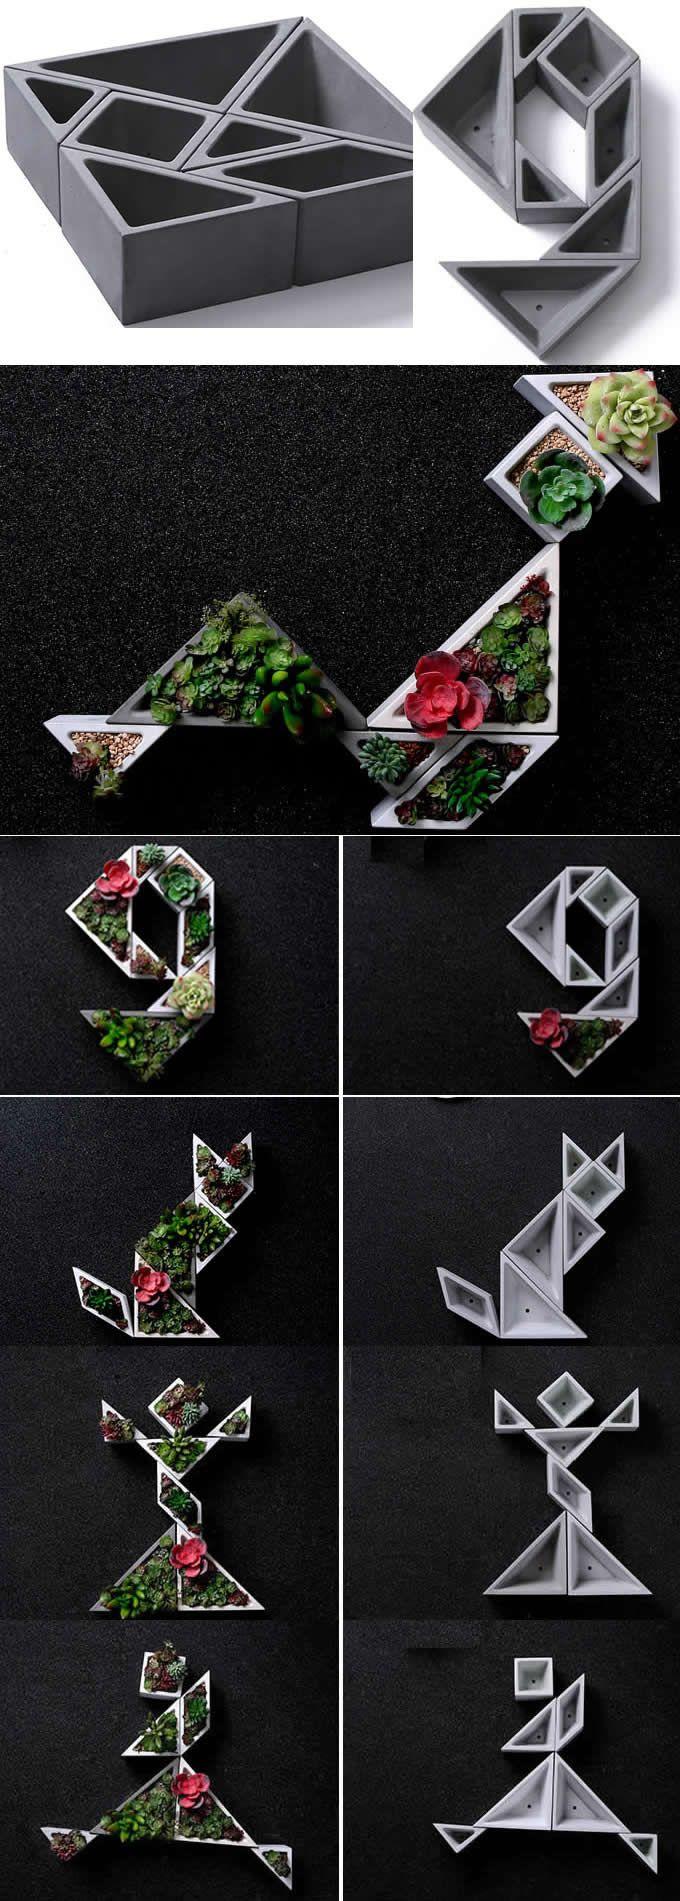 Concrete Modular Geometric Succulent Planter / Plant Pot / Flower Pot